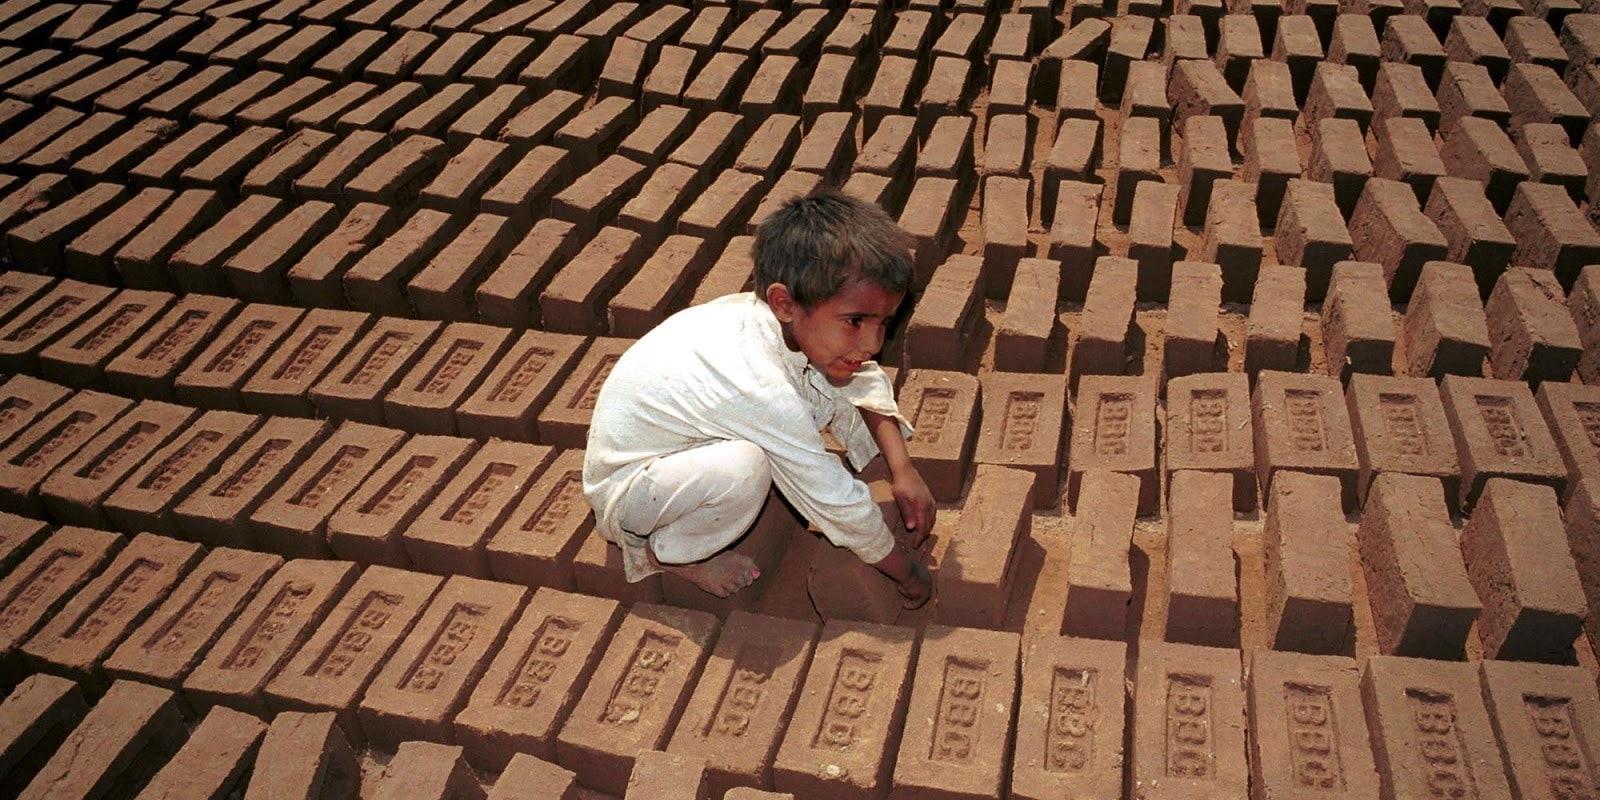 A young Pakistani boy lays bricks.